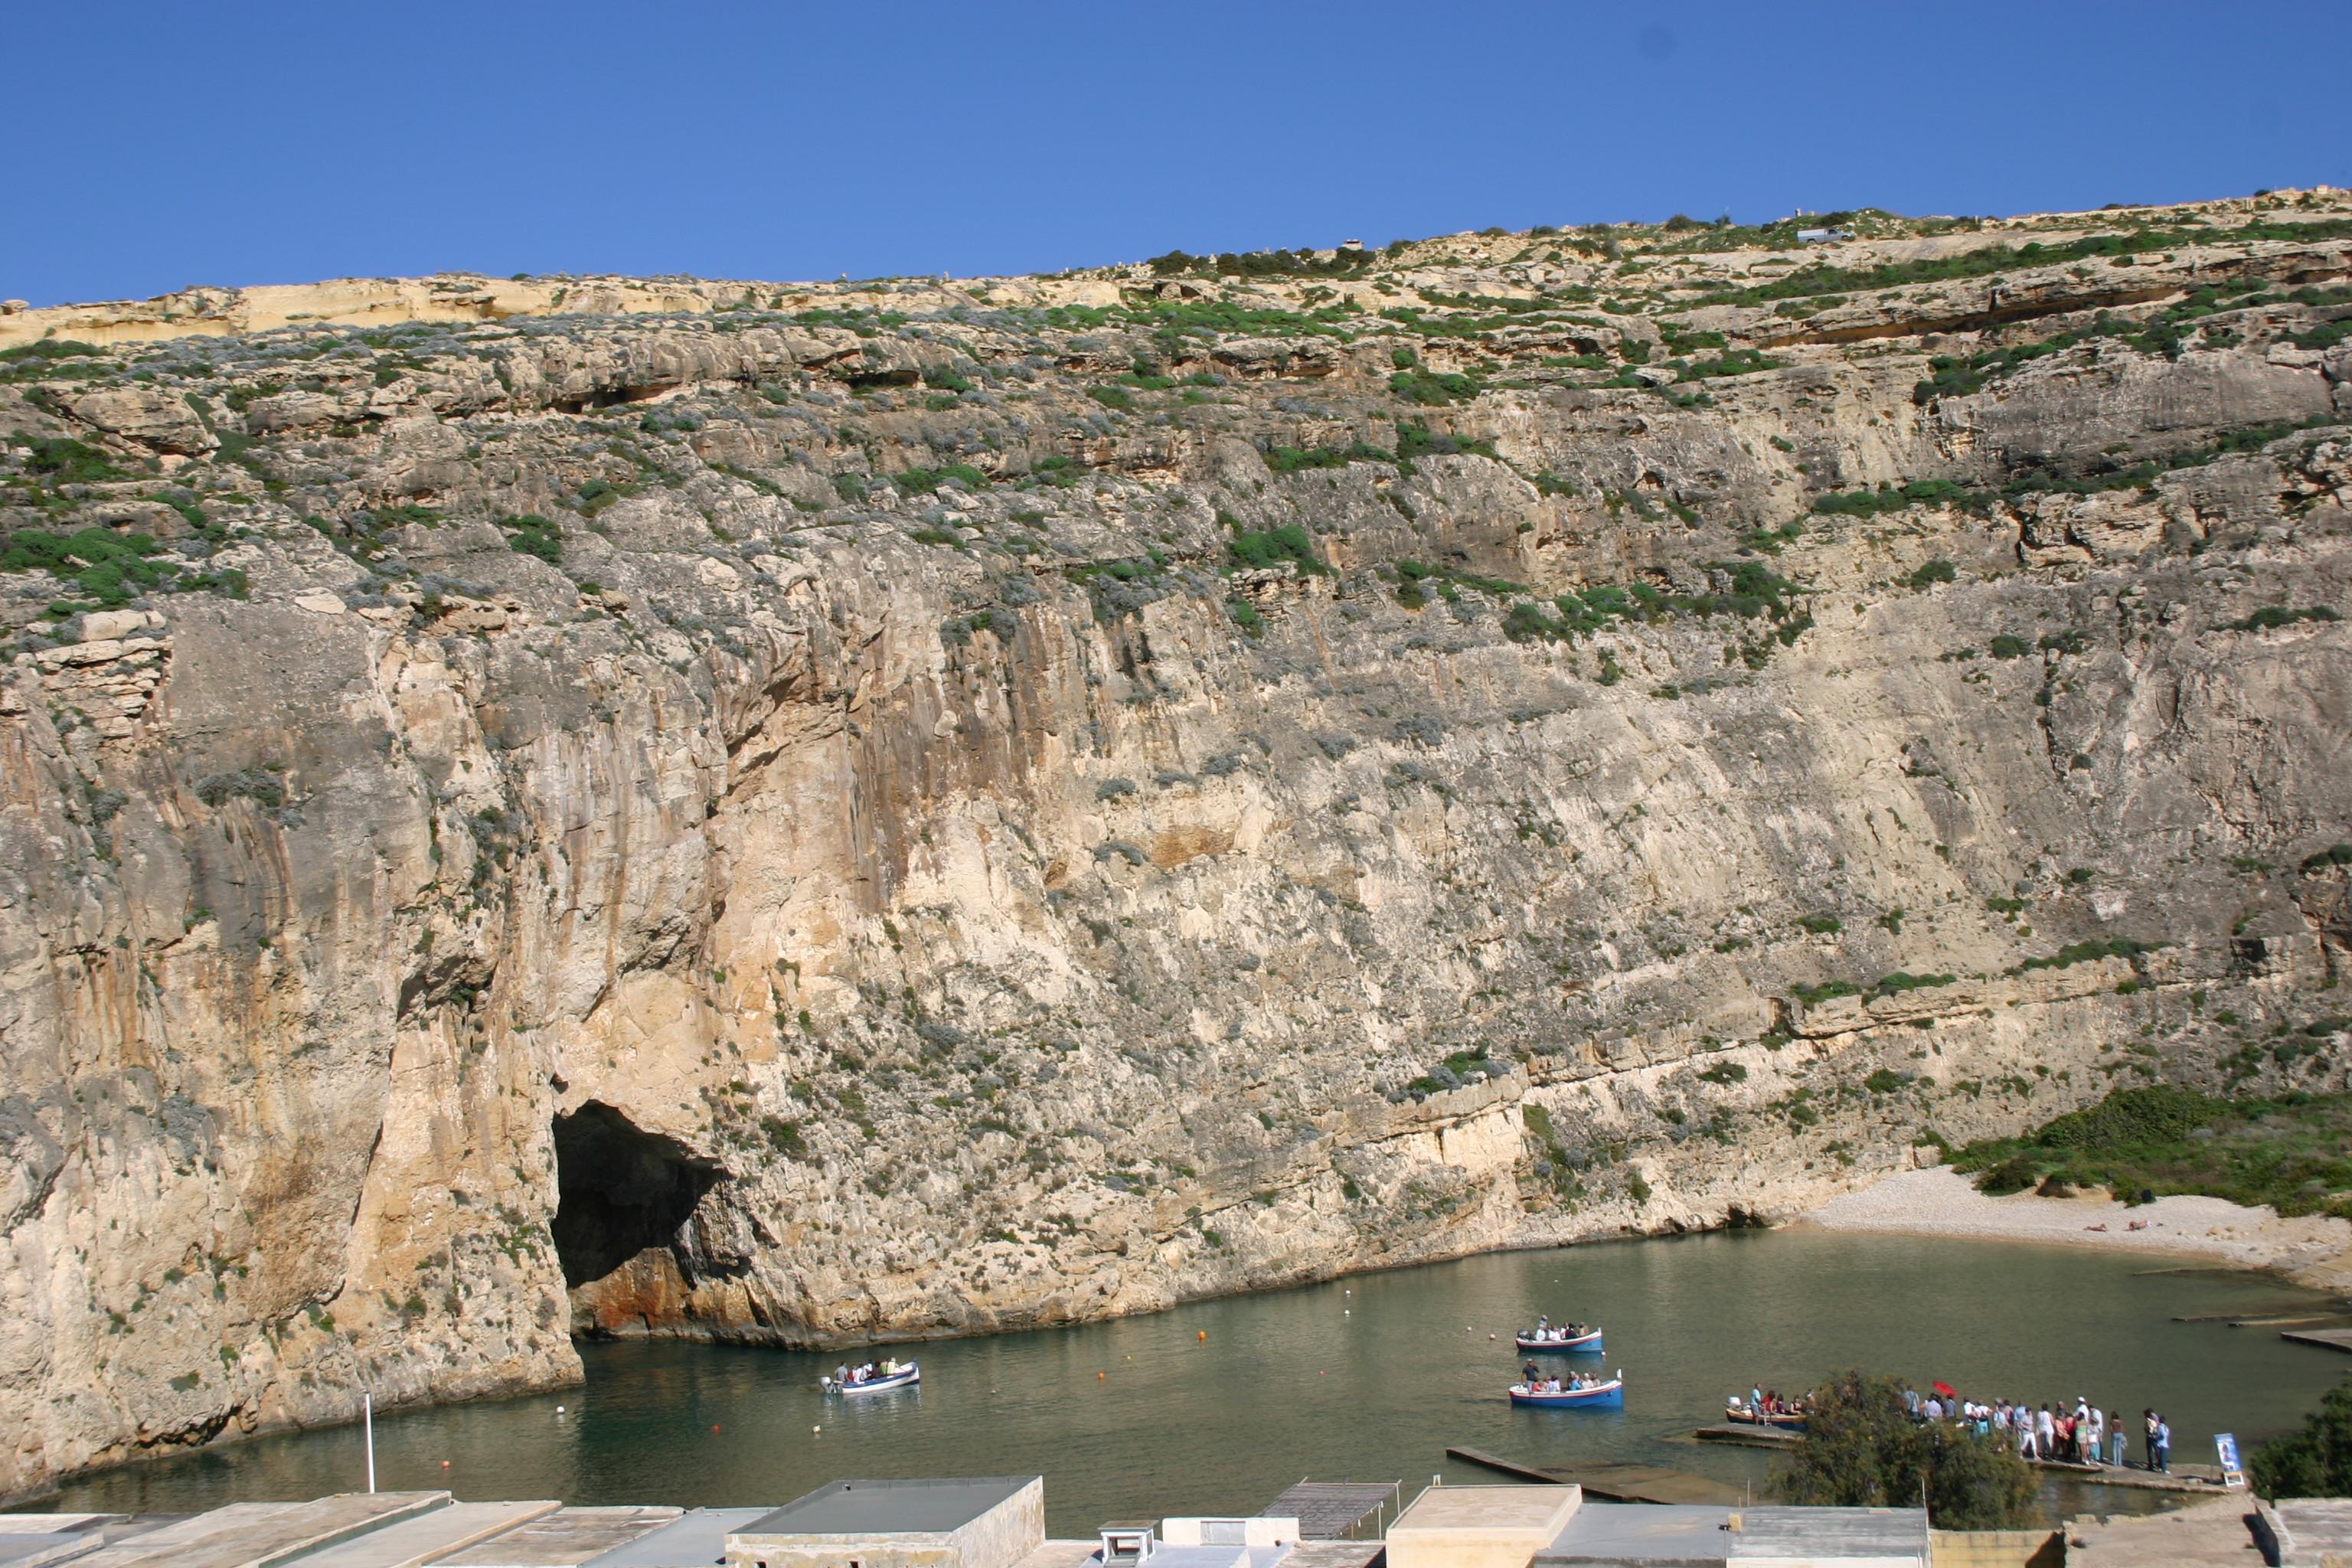 Badebucht beim Felsentor: Nur mit Booten erreichbar